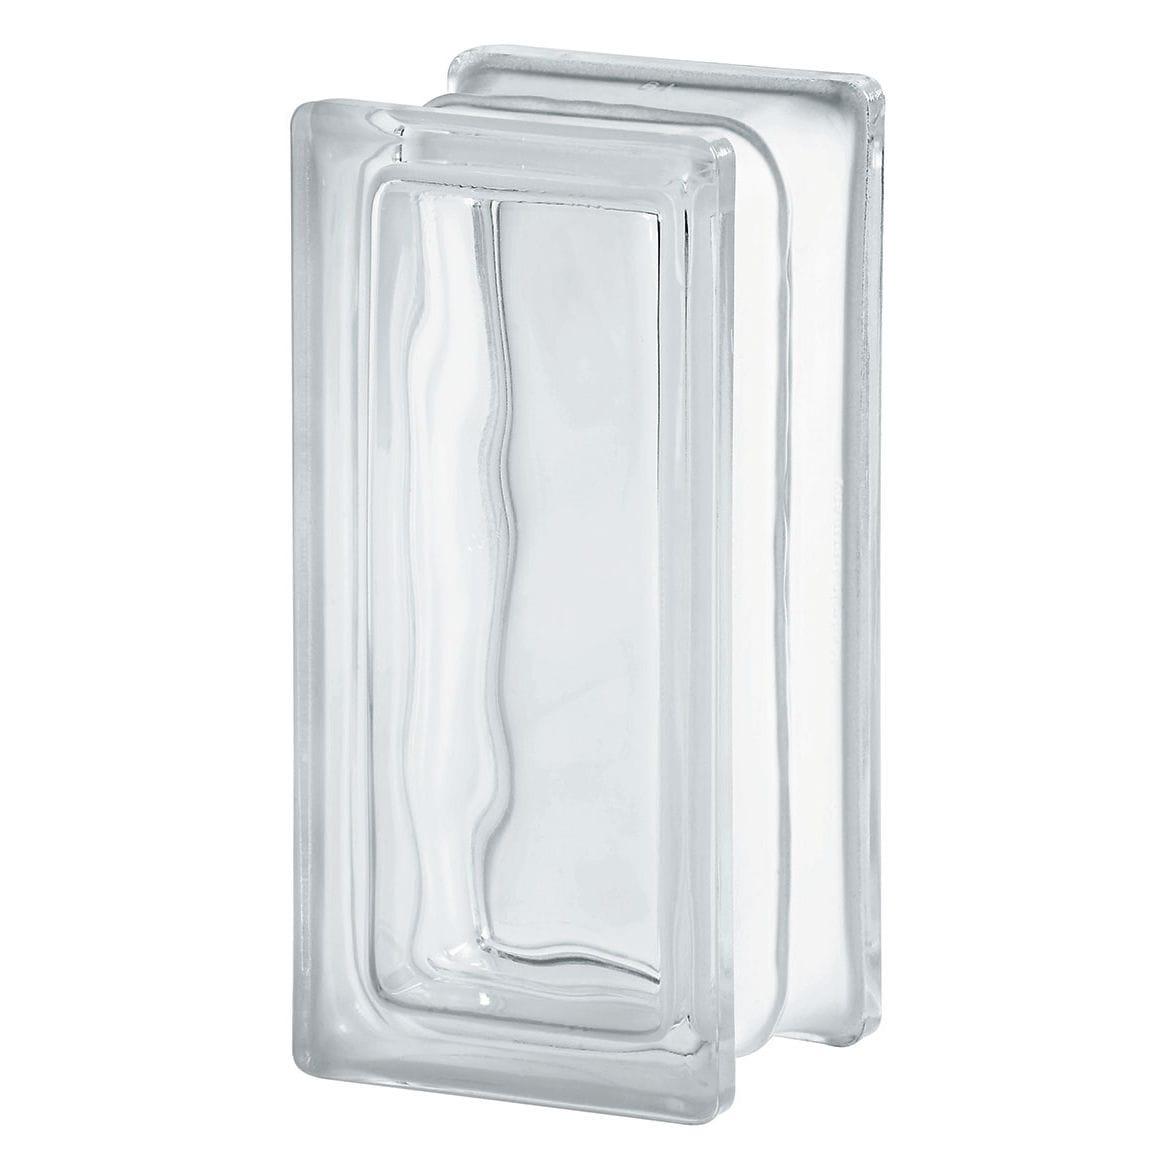 Pareti In Vetrocemento Prezzi mattone di vetro rettangolare - basic : clear 1909/8 wave